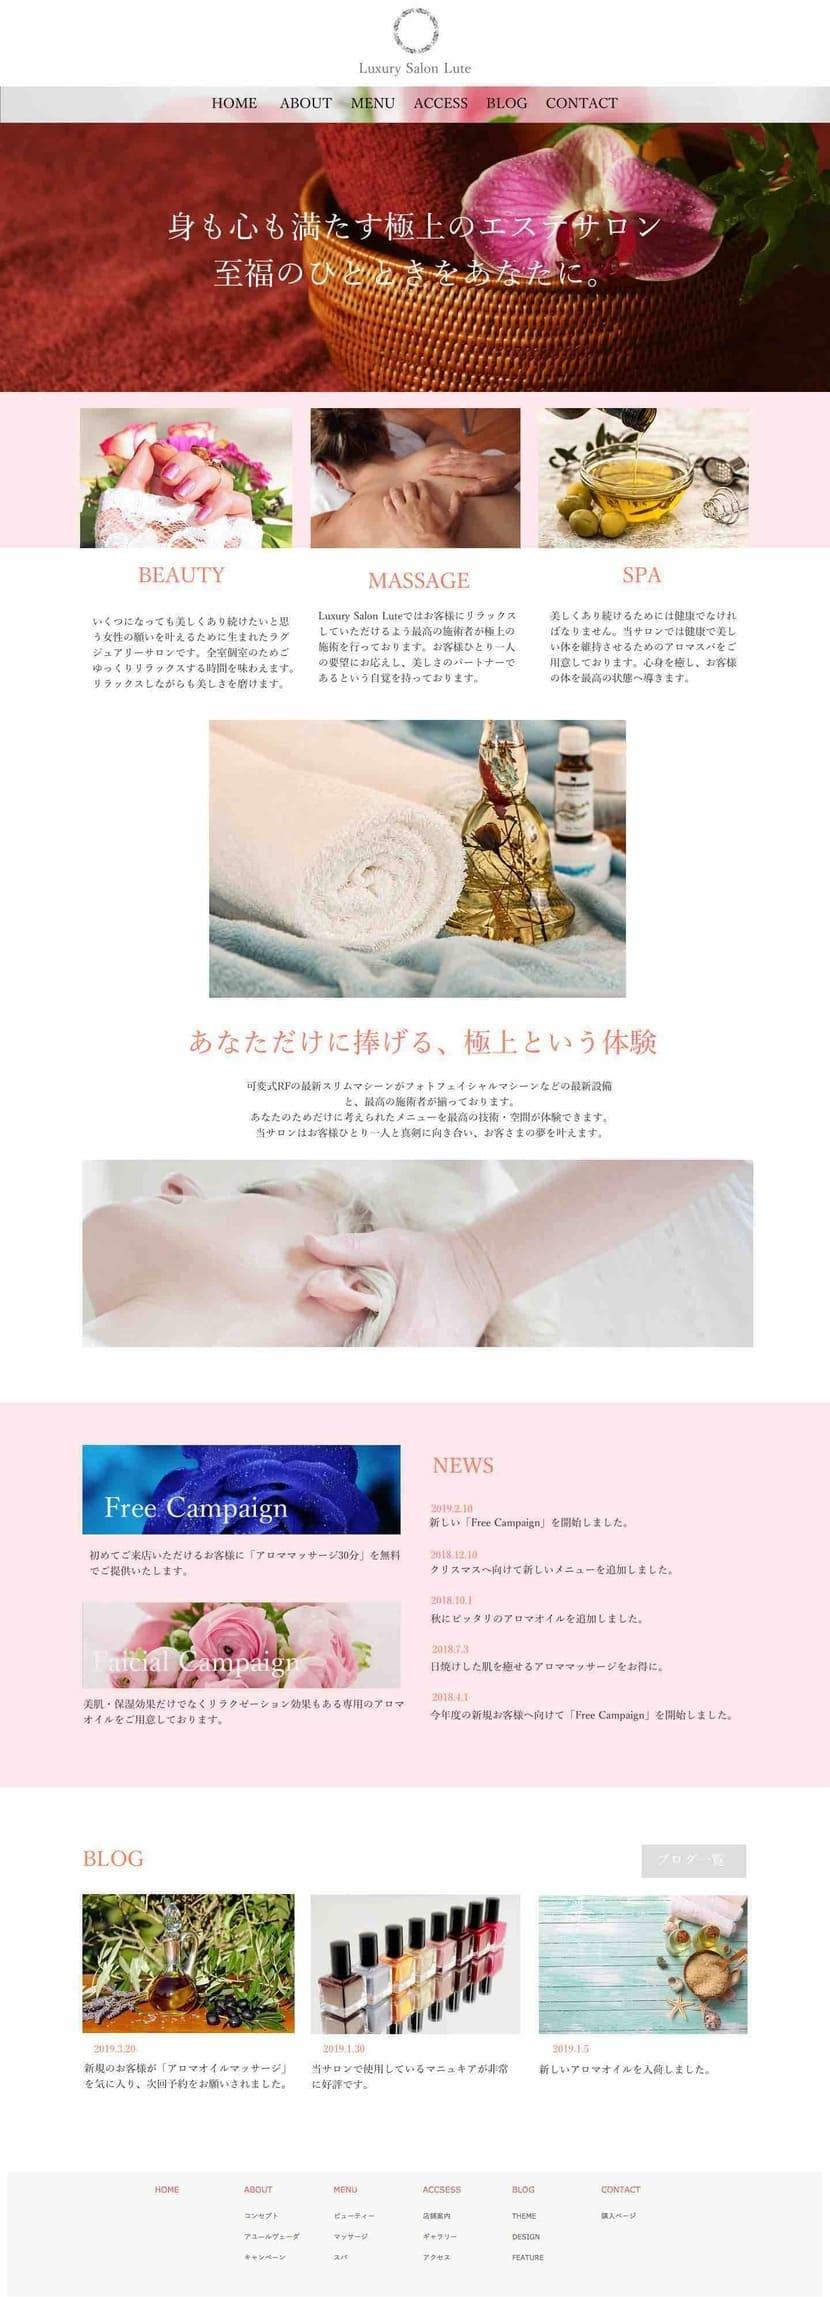 エステ・マッサージ・サロンのパソコン用ホームページの制作例画像